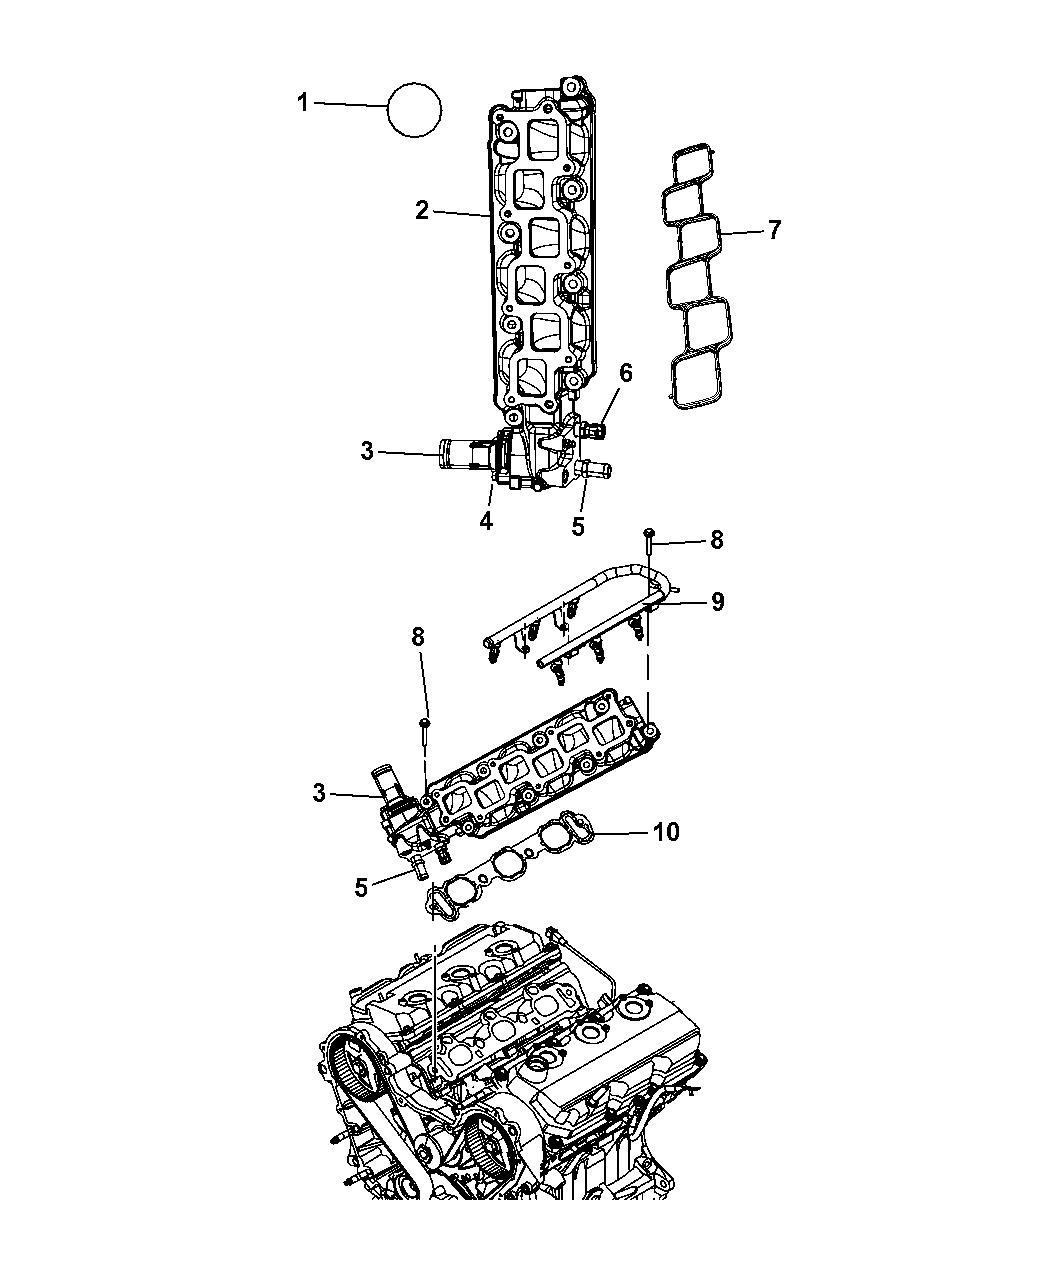 2007 Dodge Nitro Intake Manifold & Mounting - Thumbnail 2